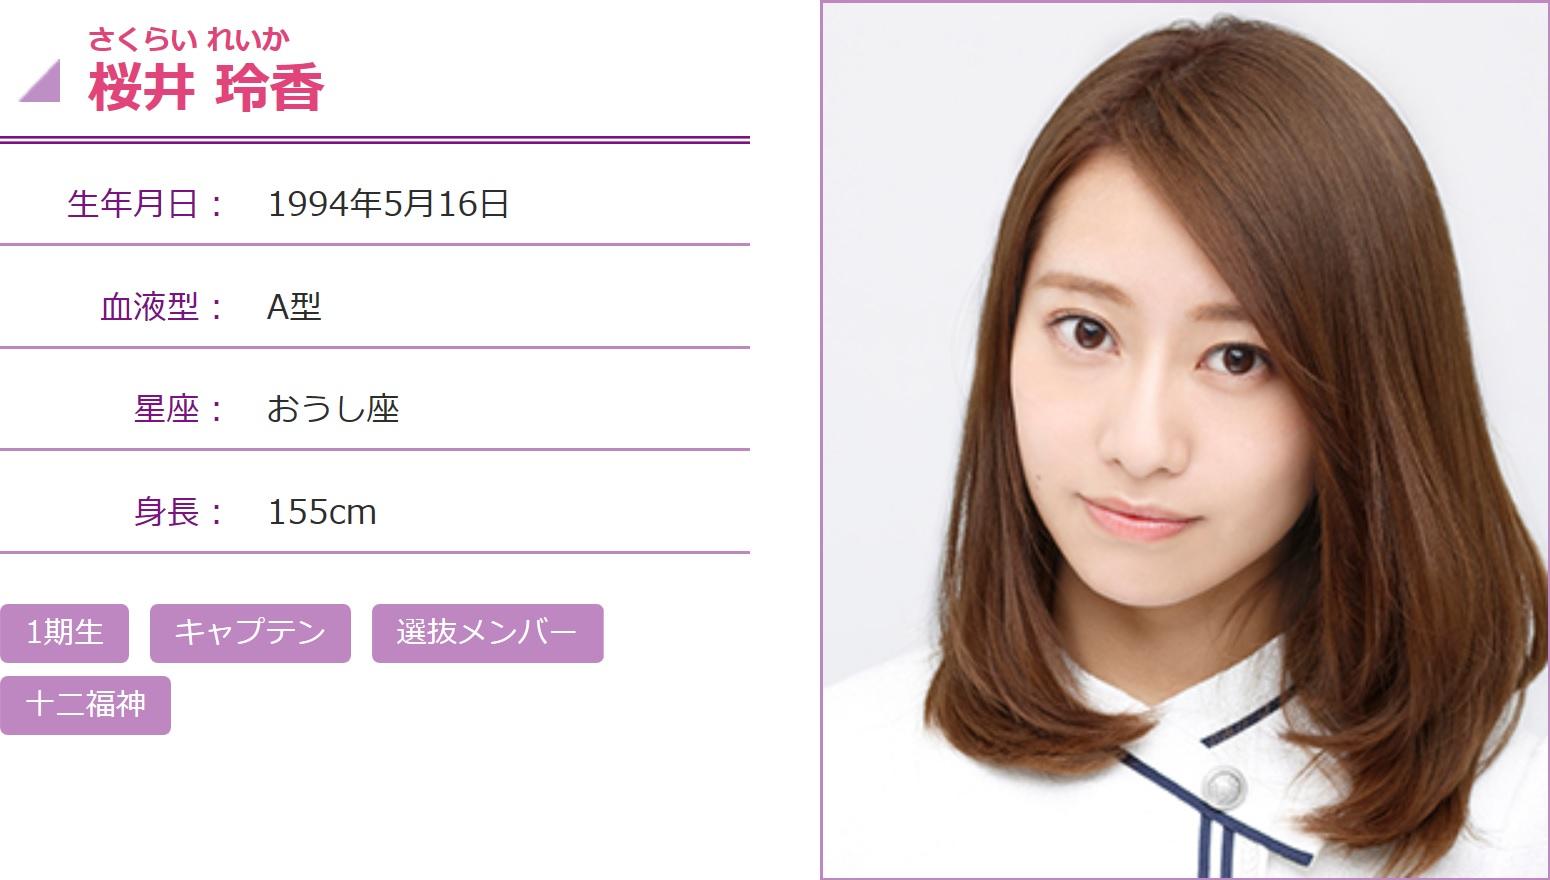 【乃木坂46】桜井玲香ブログの写真におっぱい&乳首が写り込む!!!